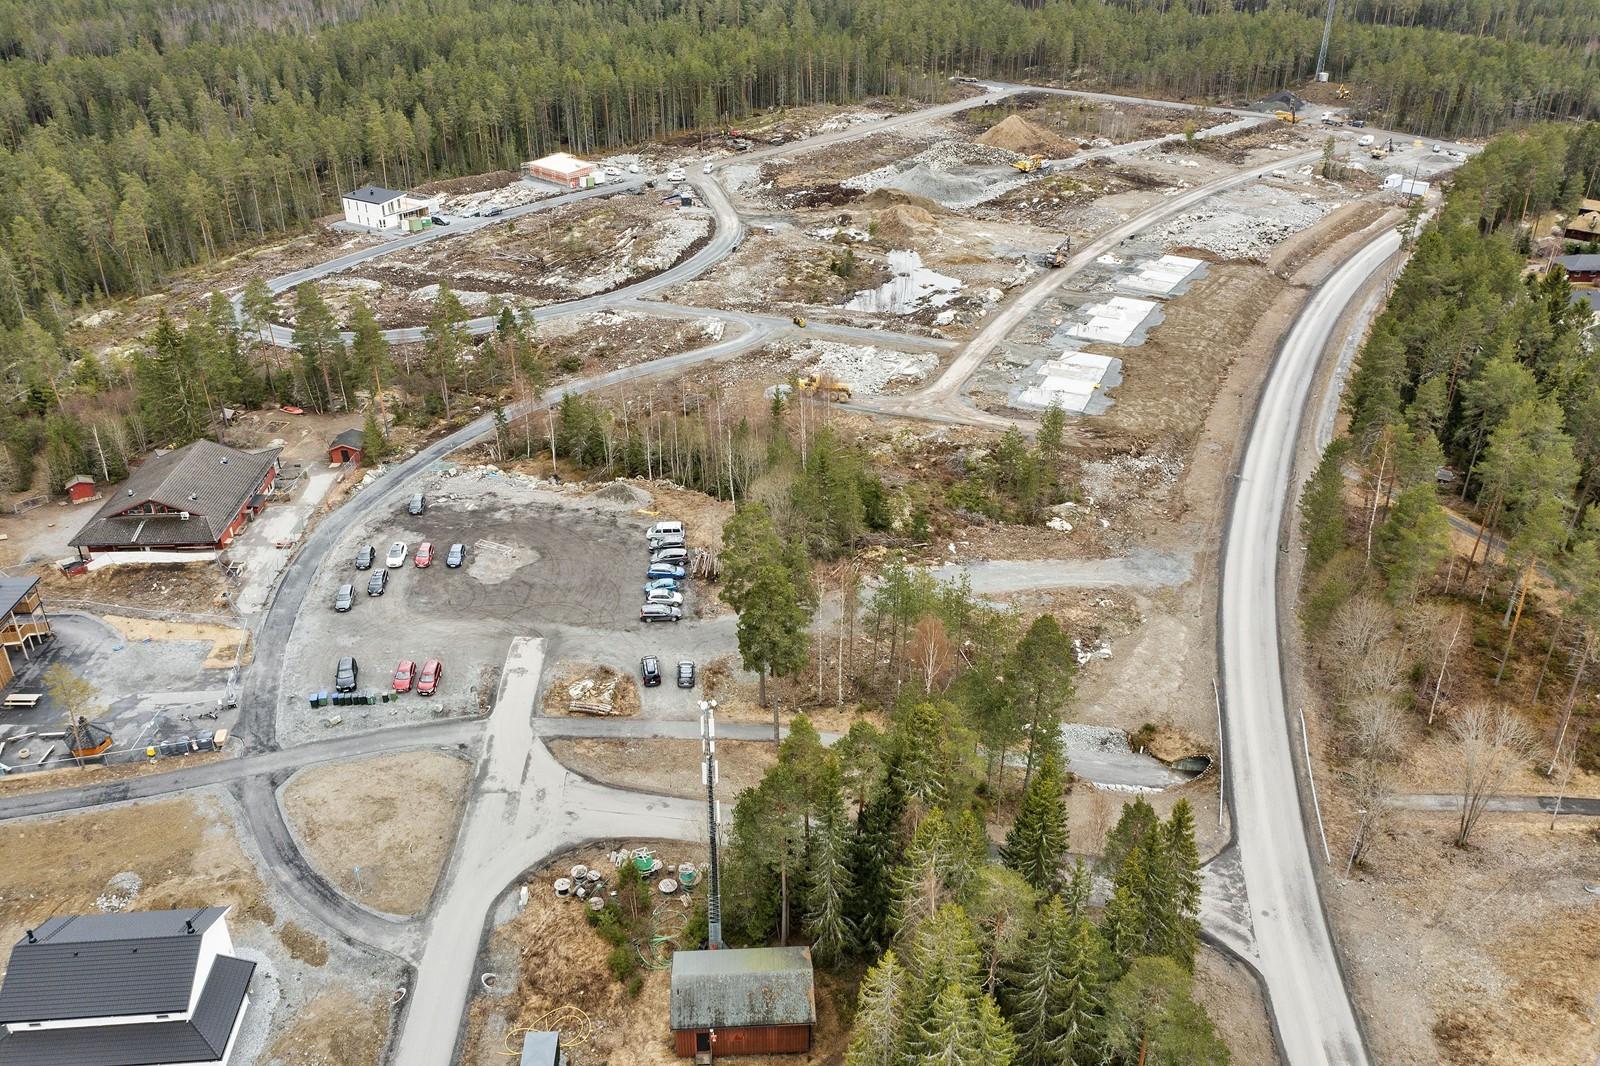 Grenser til hovedvei, gangveier og boligområde som er under utvikling mot syd